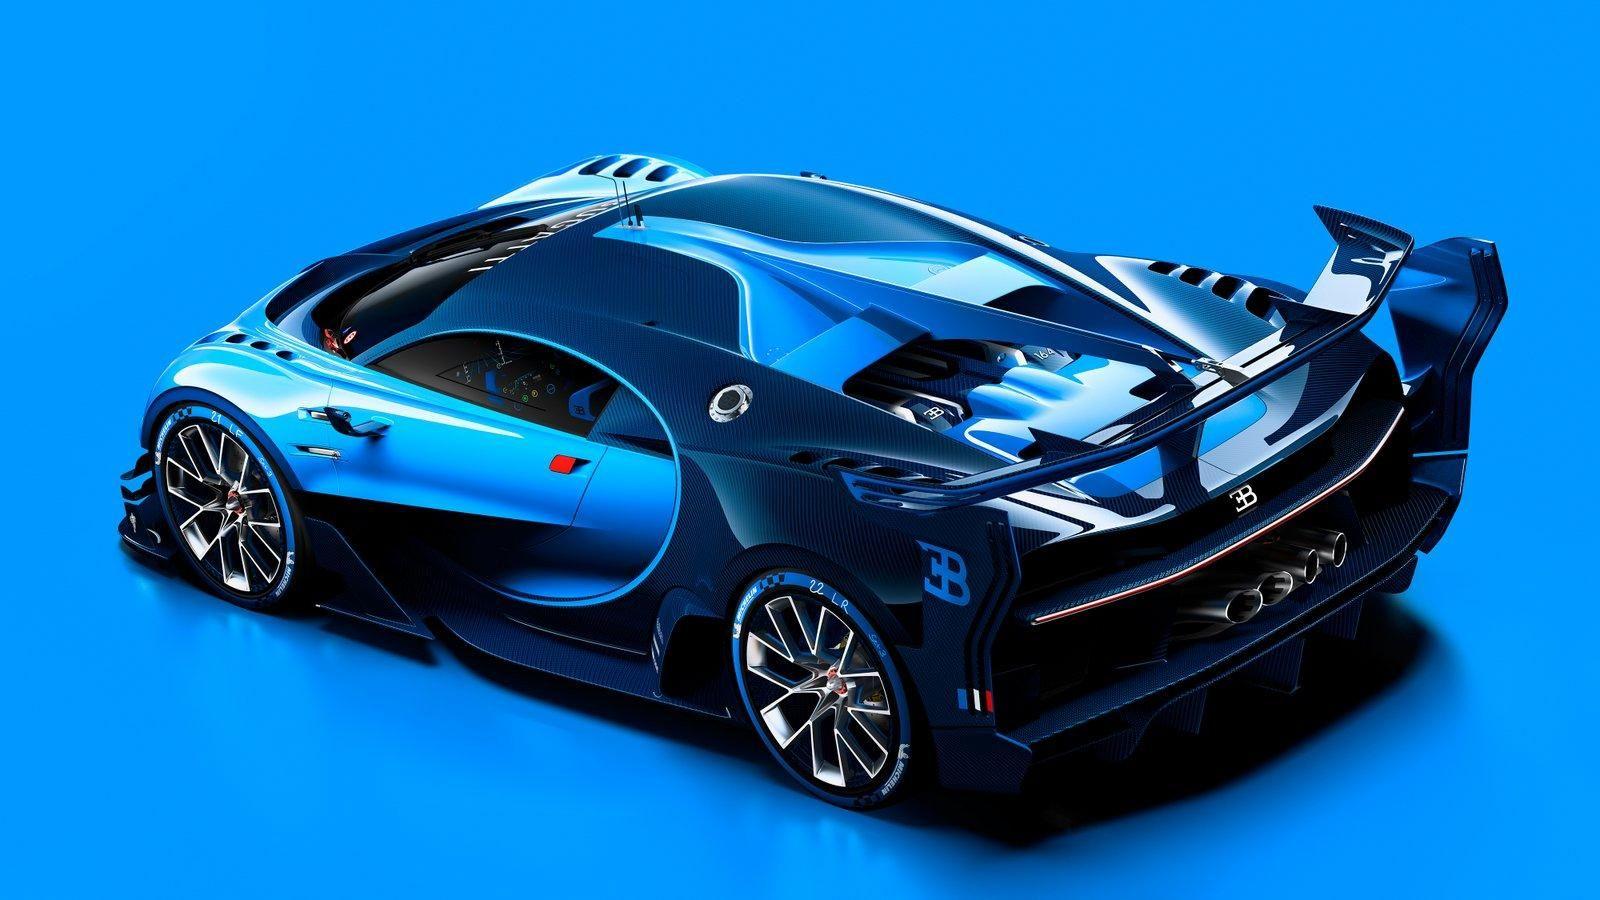 Bugatti Vision Gran Turismo Concept Google Search Bugatti Bugatti Concept Bugatti Chiron